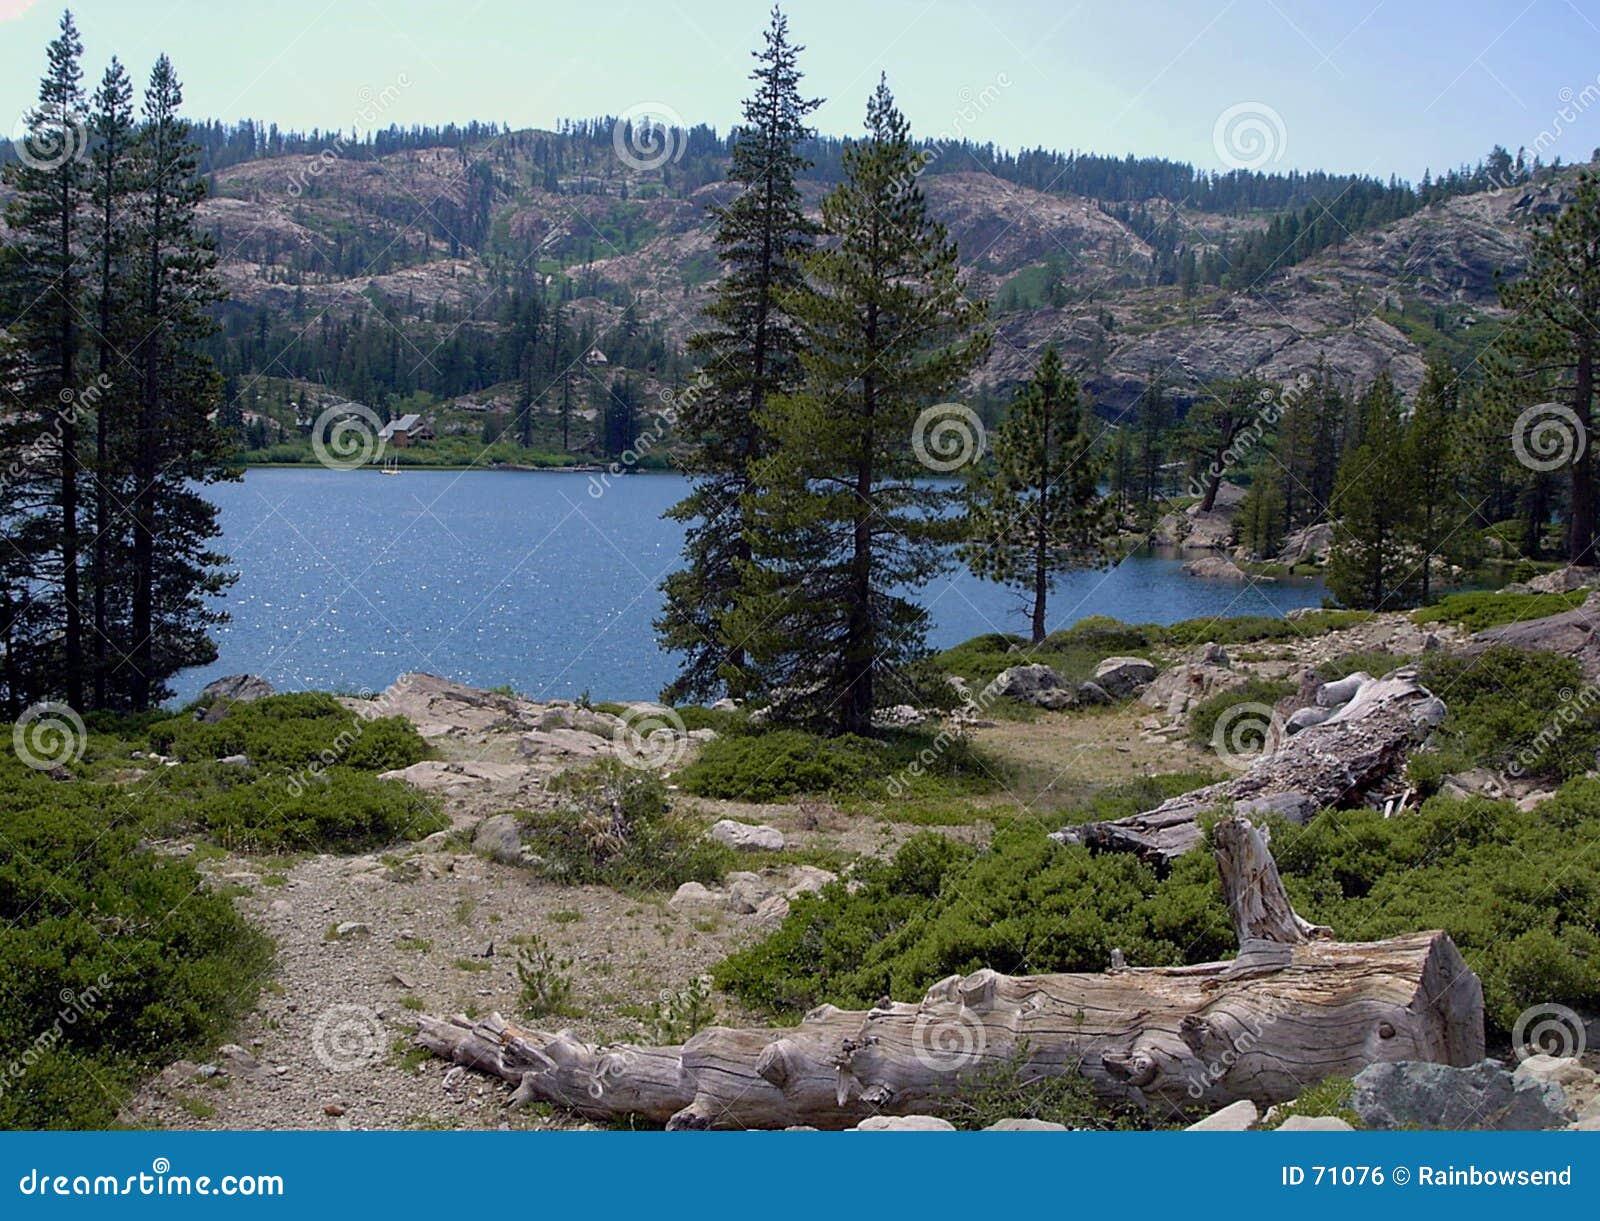 Lake with log